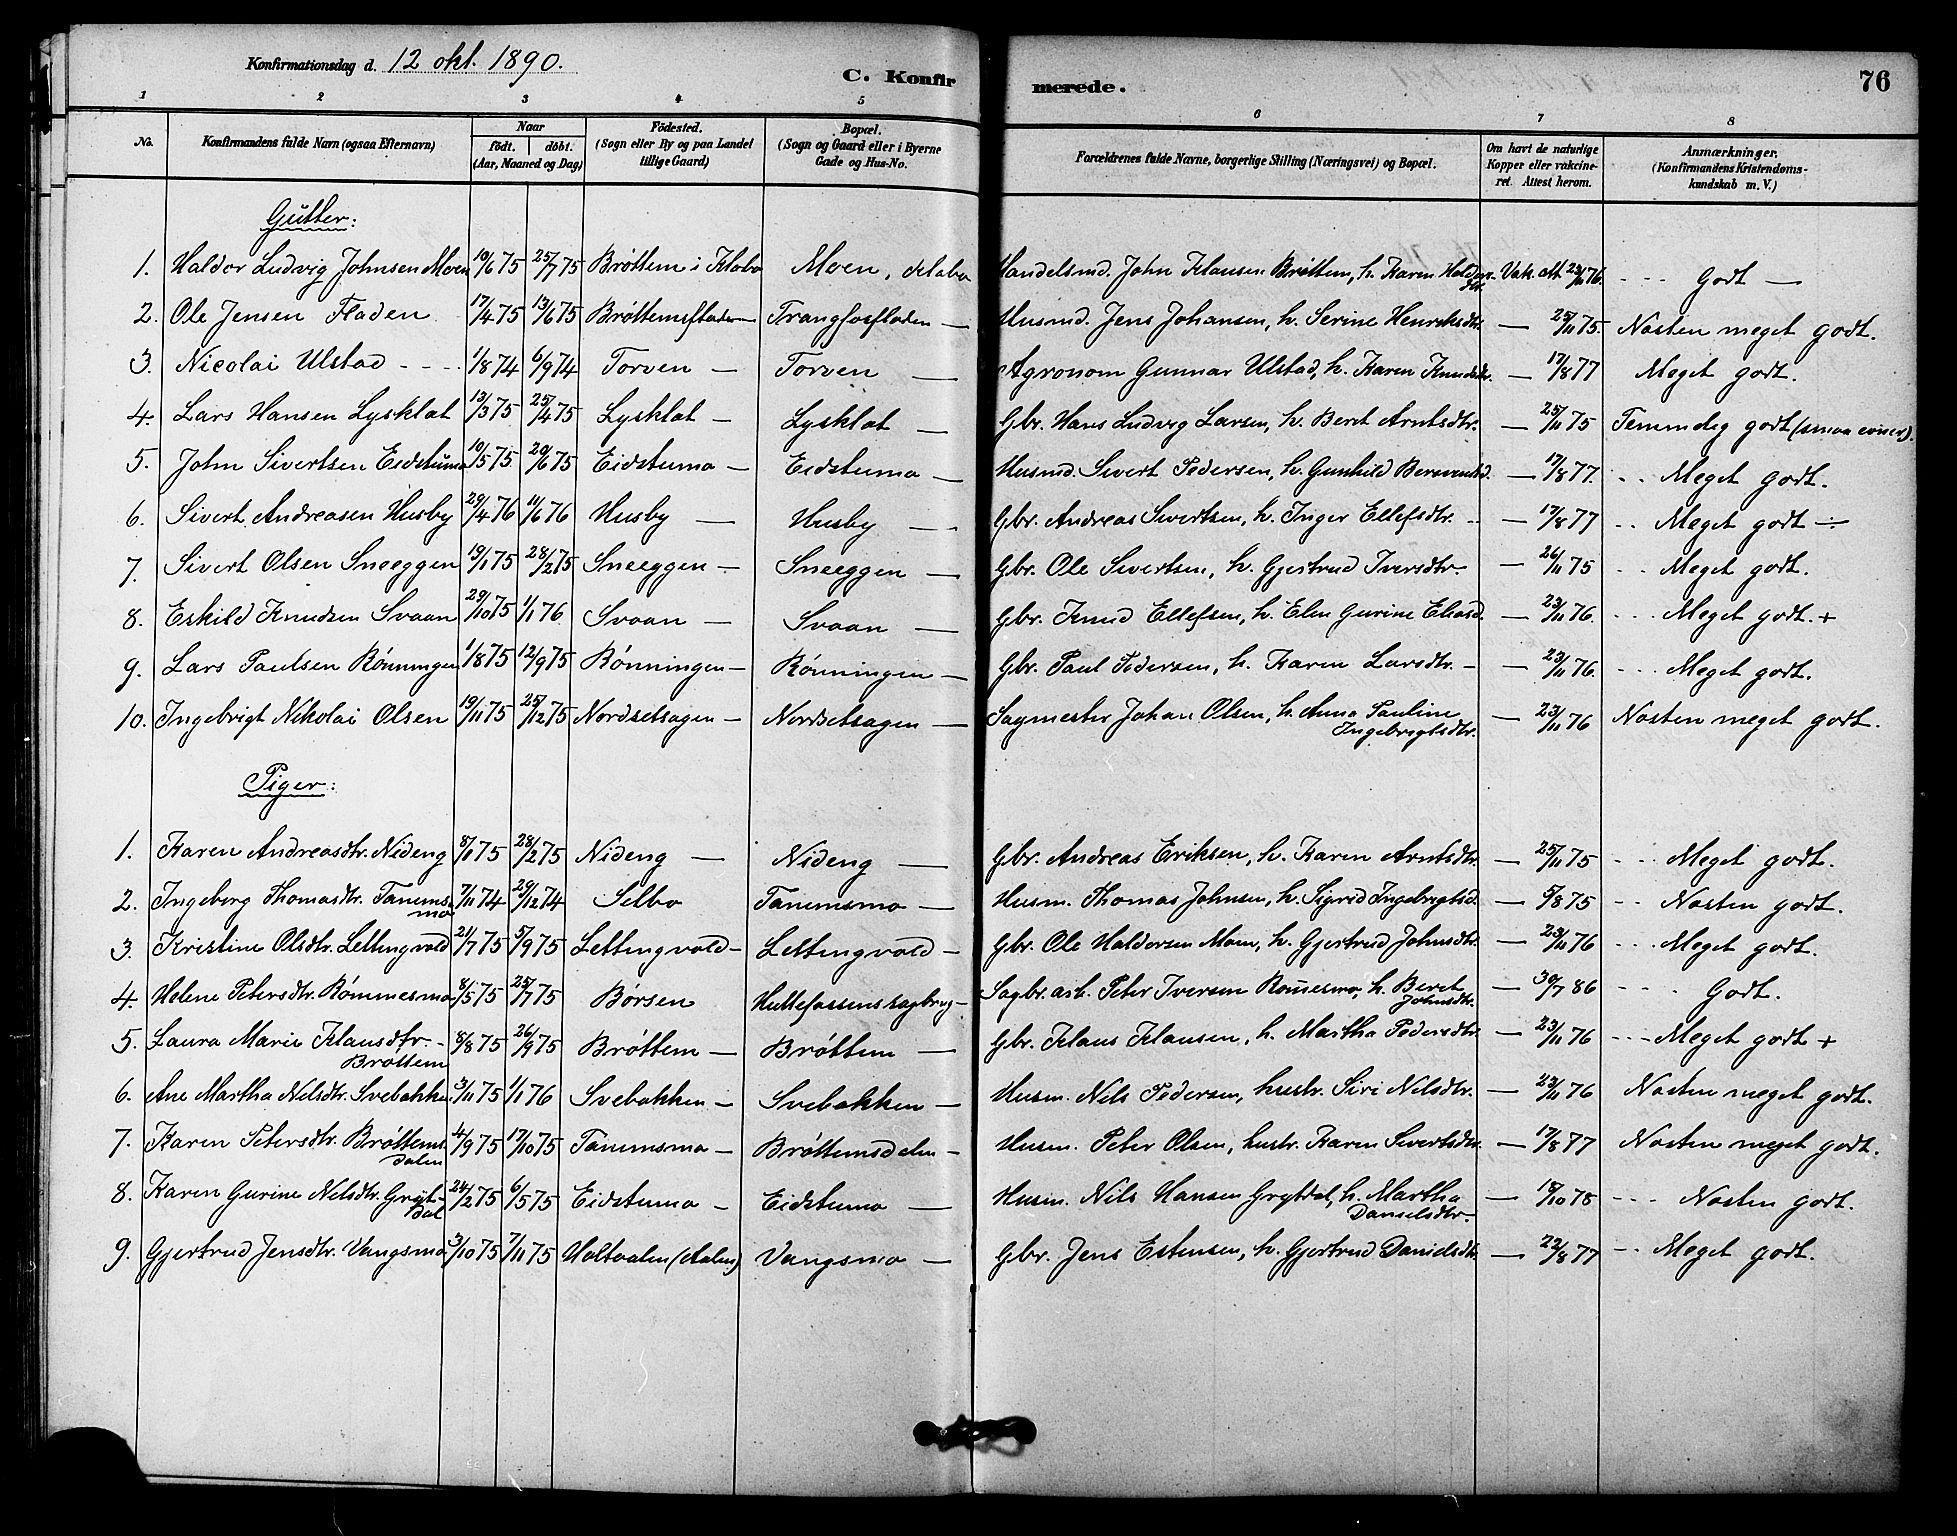 SAT, Ministerialprotokoller, klokkerbøker og fødselsregistre - Sør-Trøndelag, 618/L0444: Ministerialbok nr. 618A07, 1880-1898, s. 76